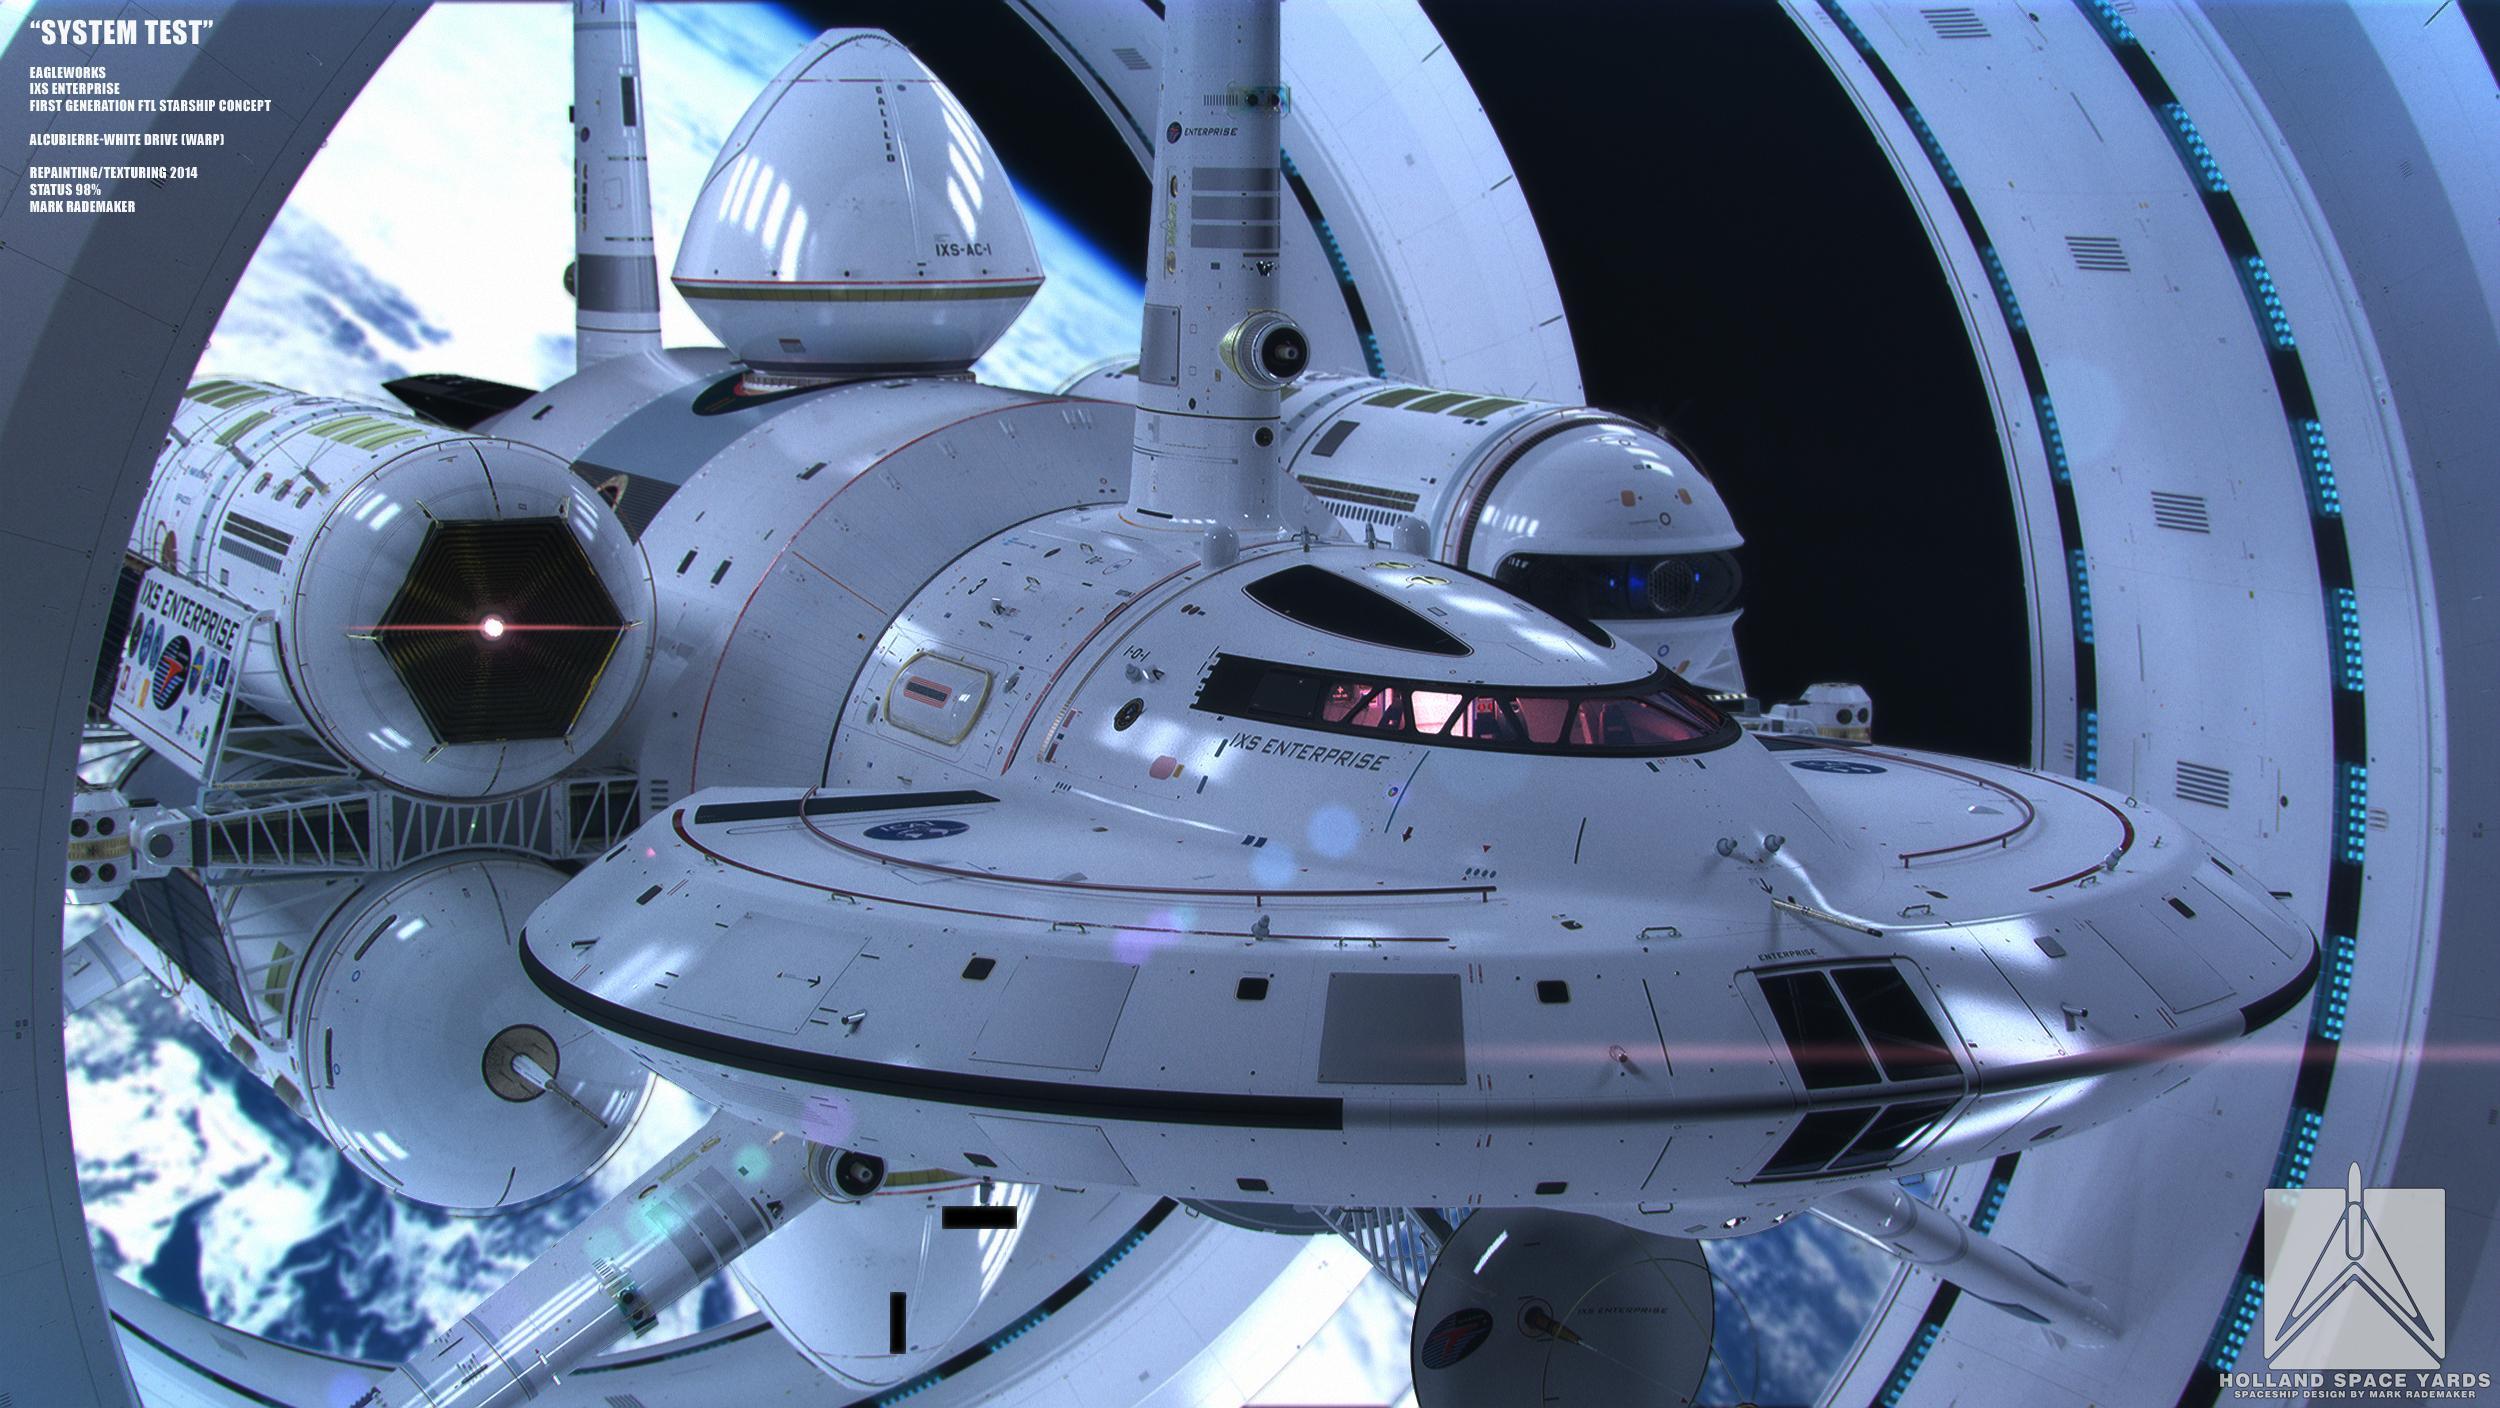 nasa future spaceship - HD1877×1408